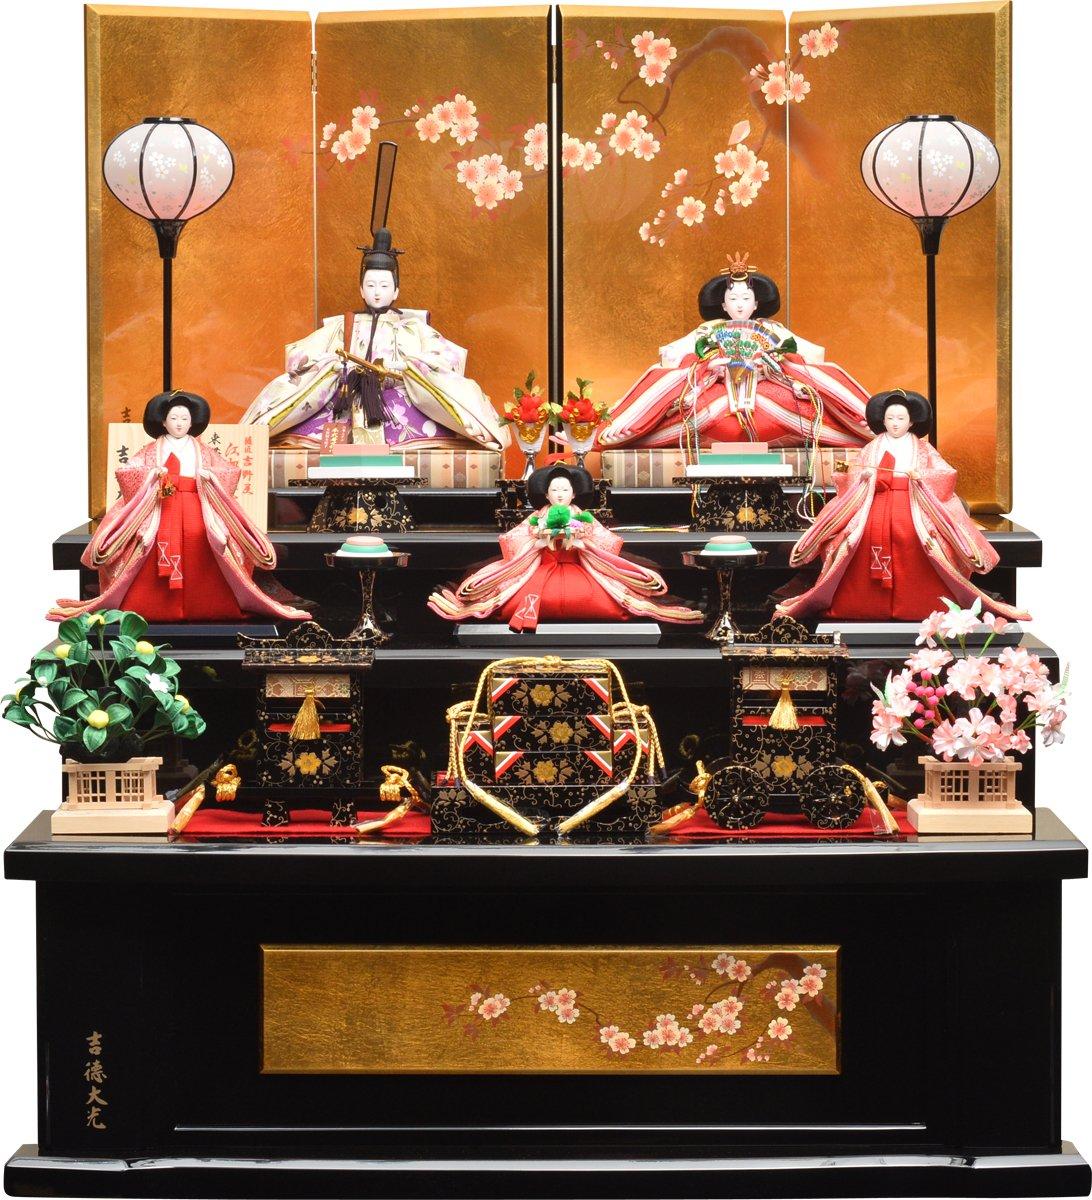 雛人形 吉徳大光 三段飾り 五人飾り 「江都みやび」 吉徳三段飾り 間口83×奥行84×高さ95cm   B01MZ2KR8T